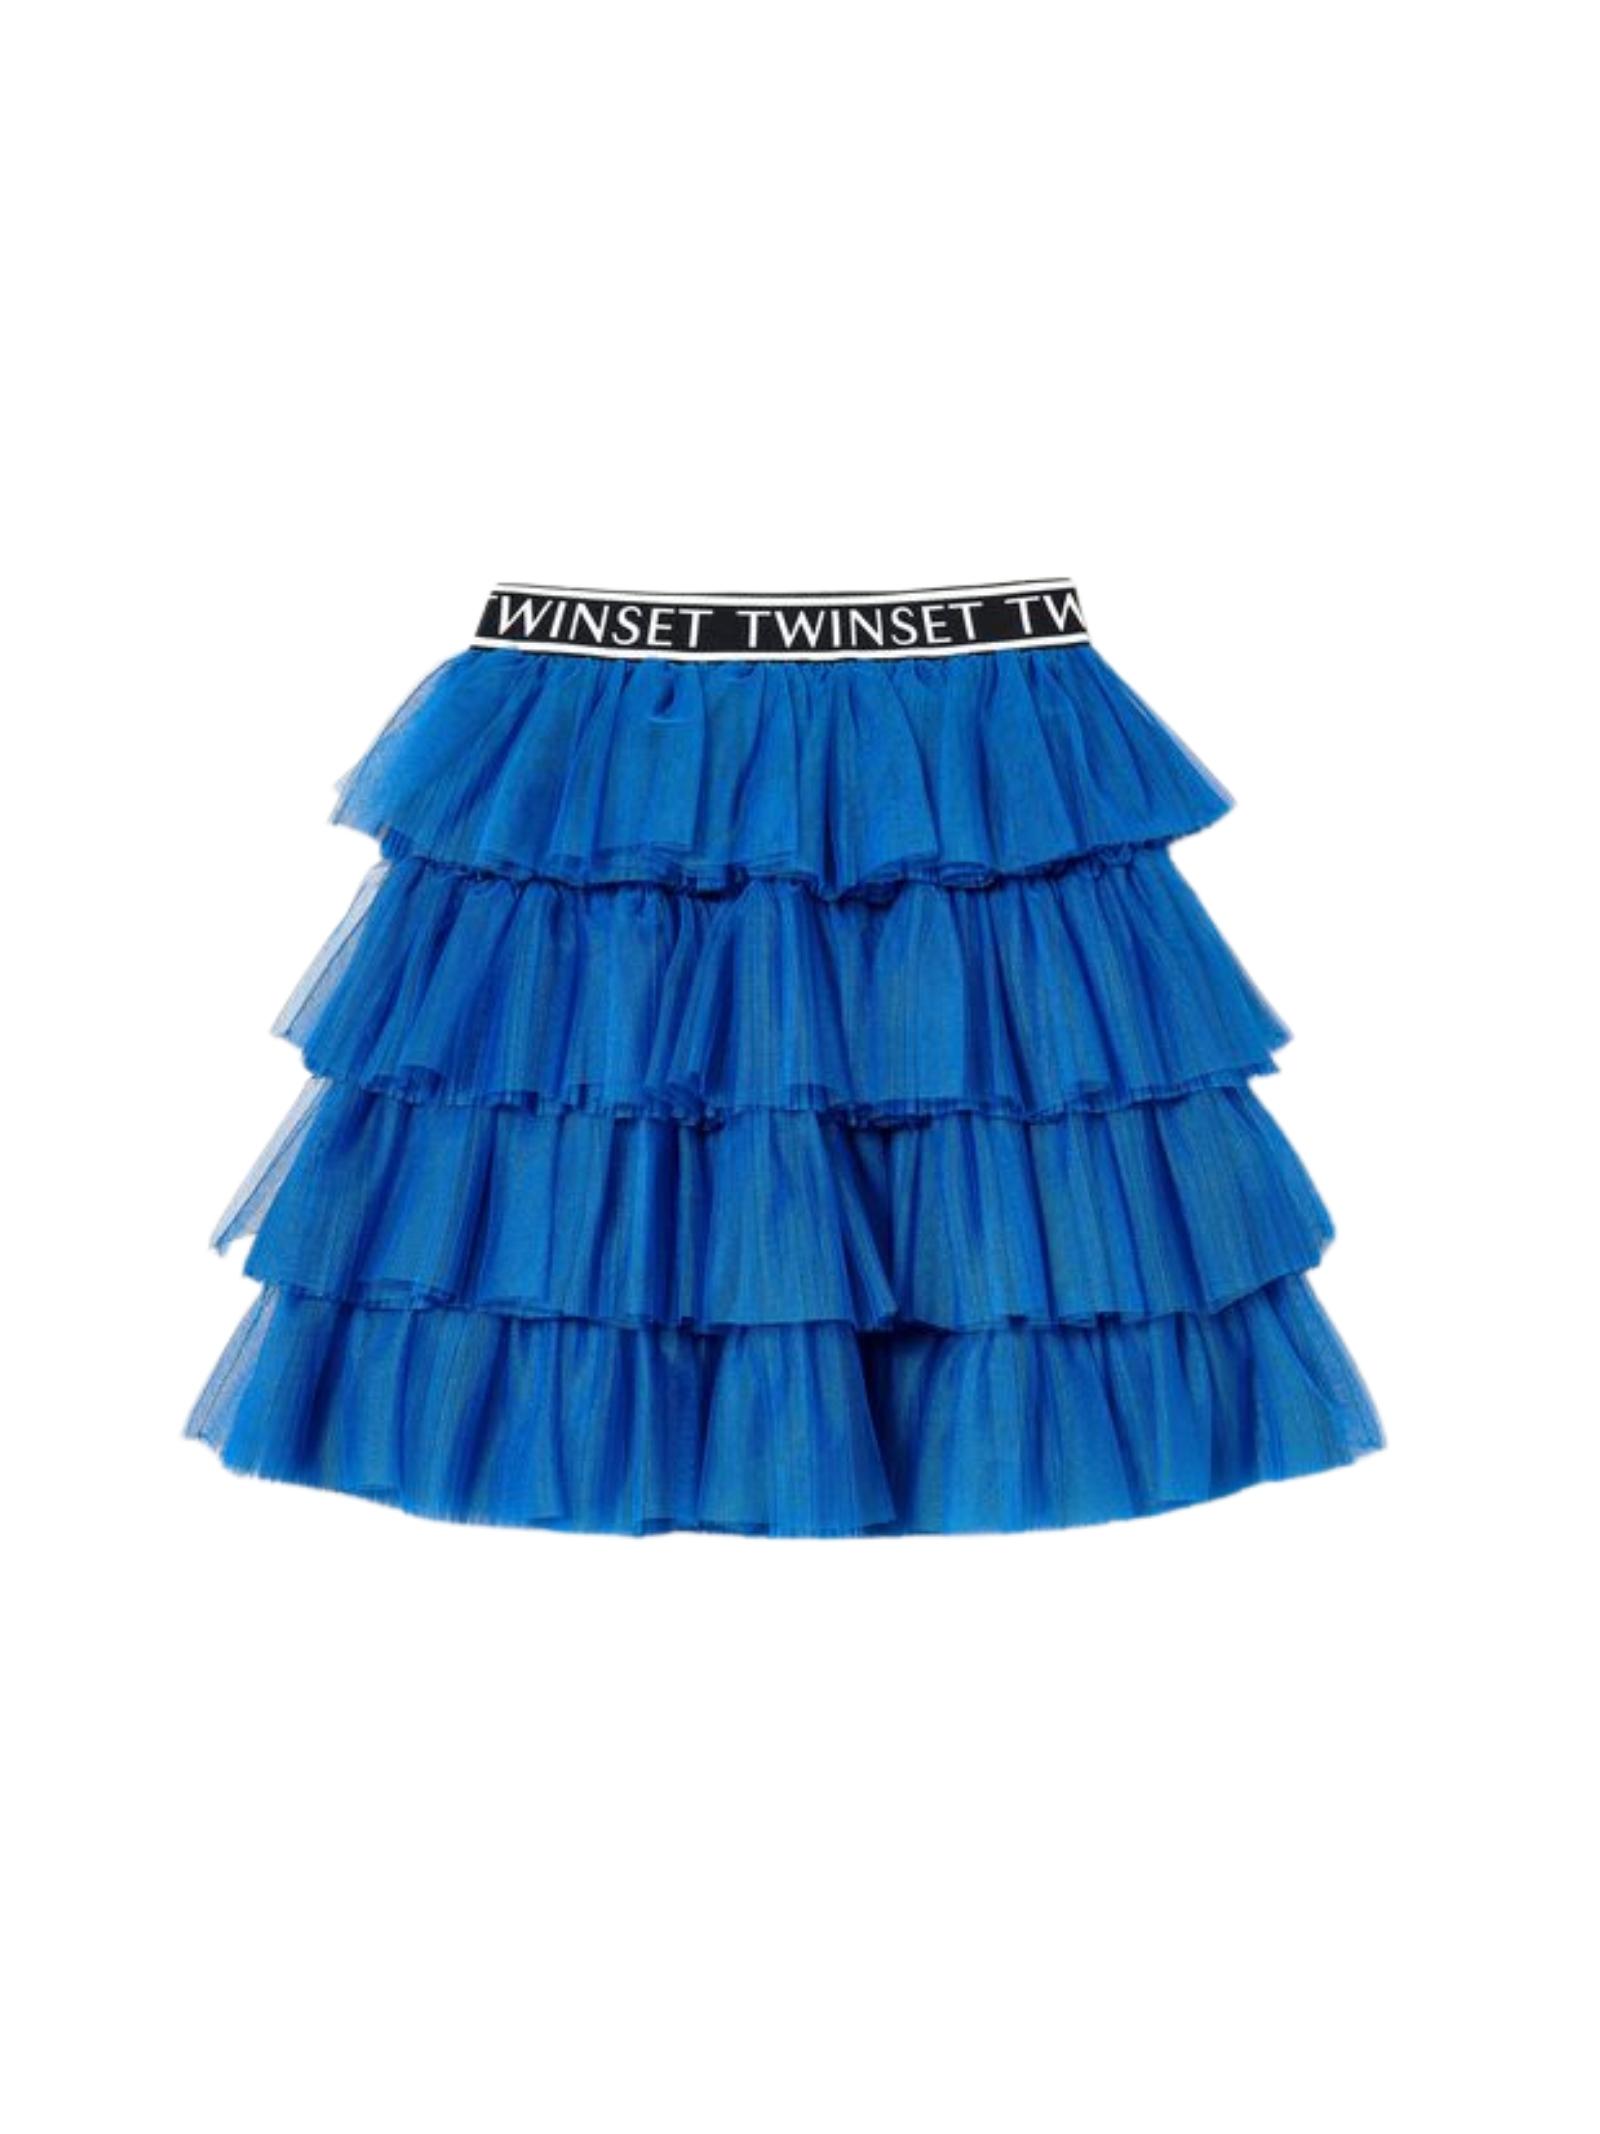 Chic Tulle Skirt for Girls TWINSET KIDS   Skirts   212GJ228105865